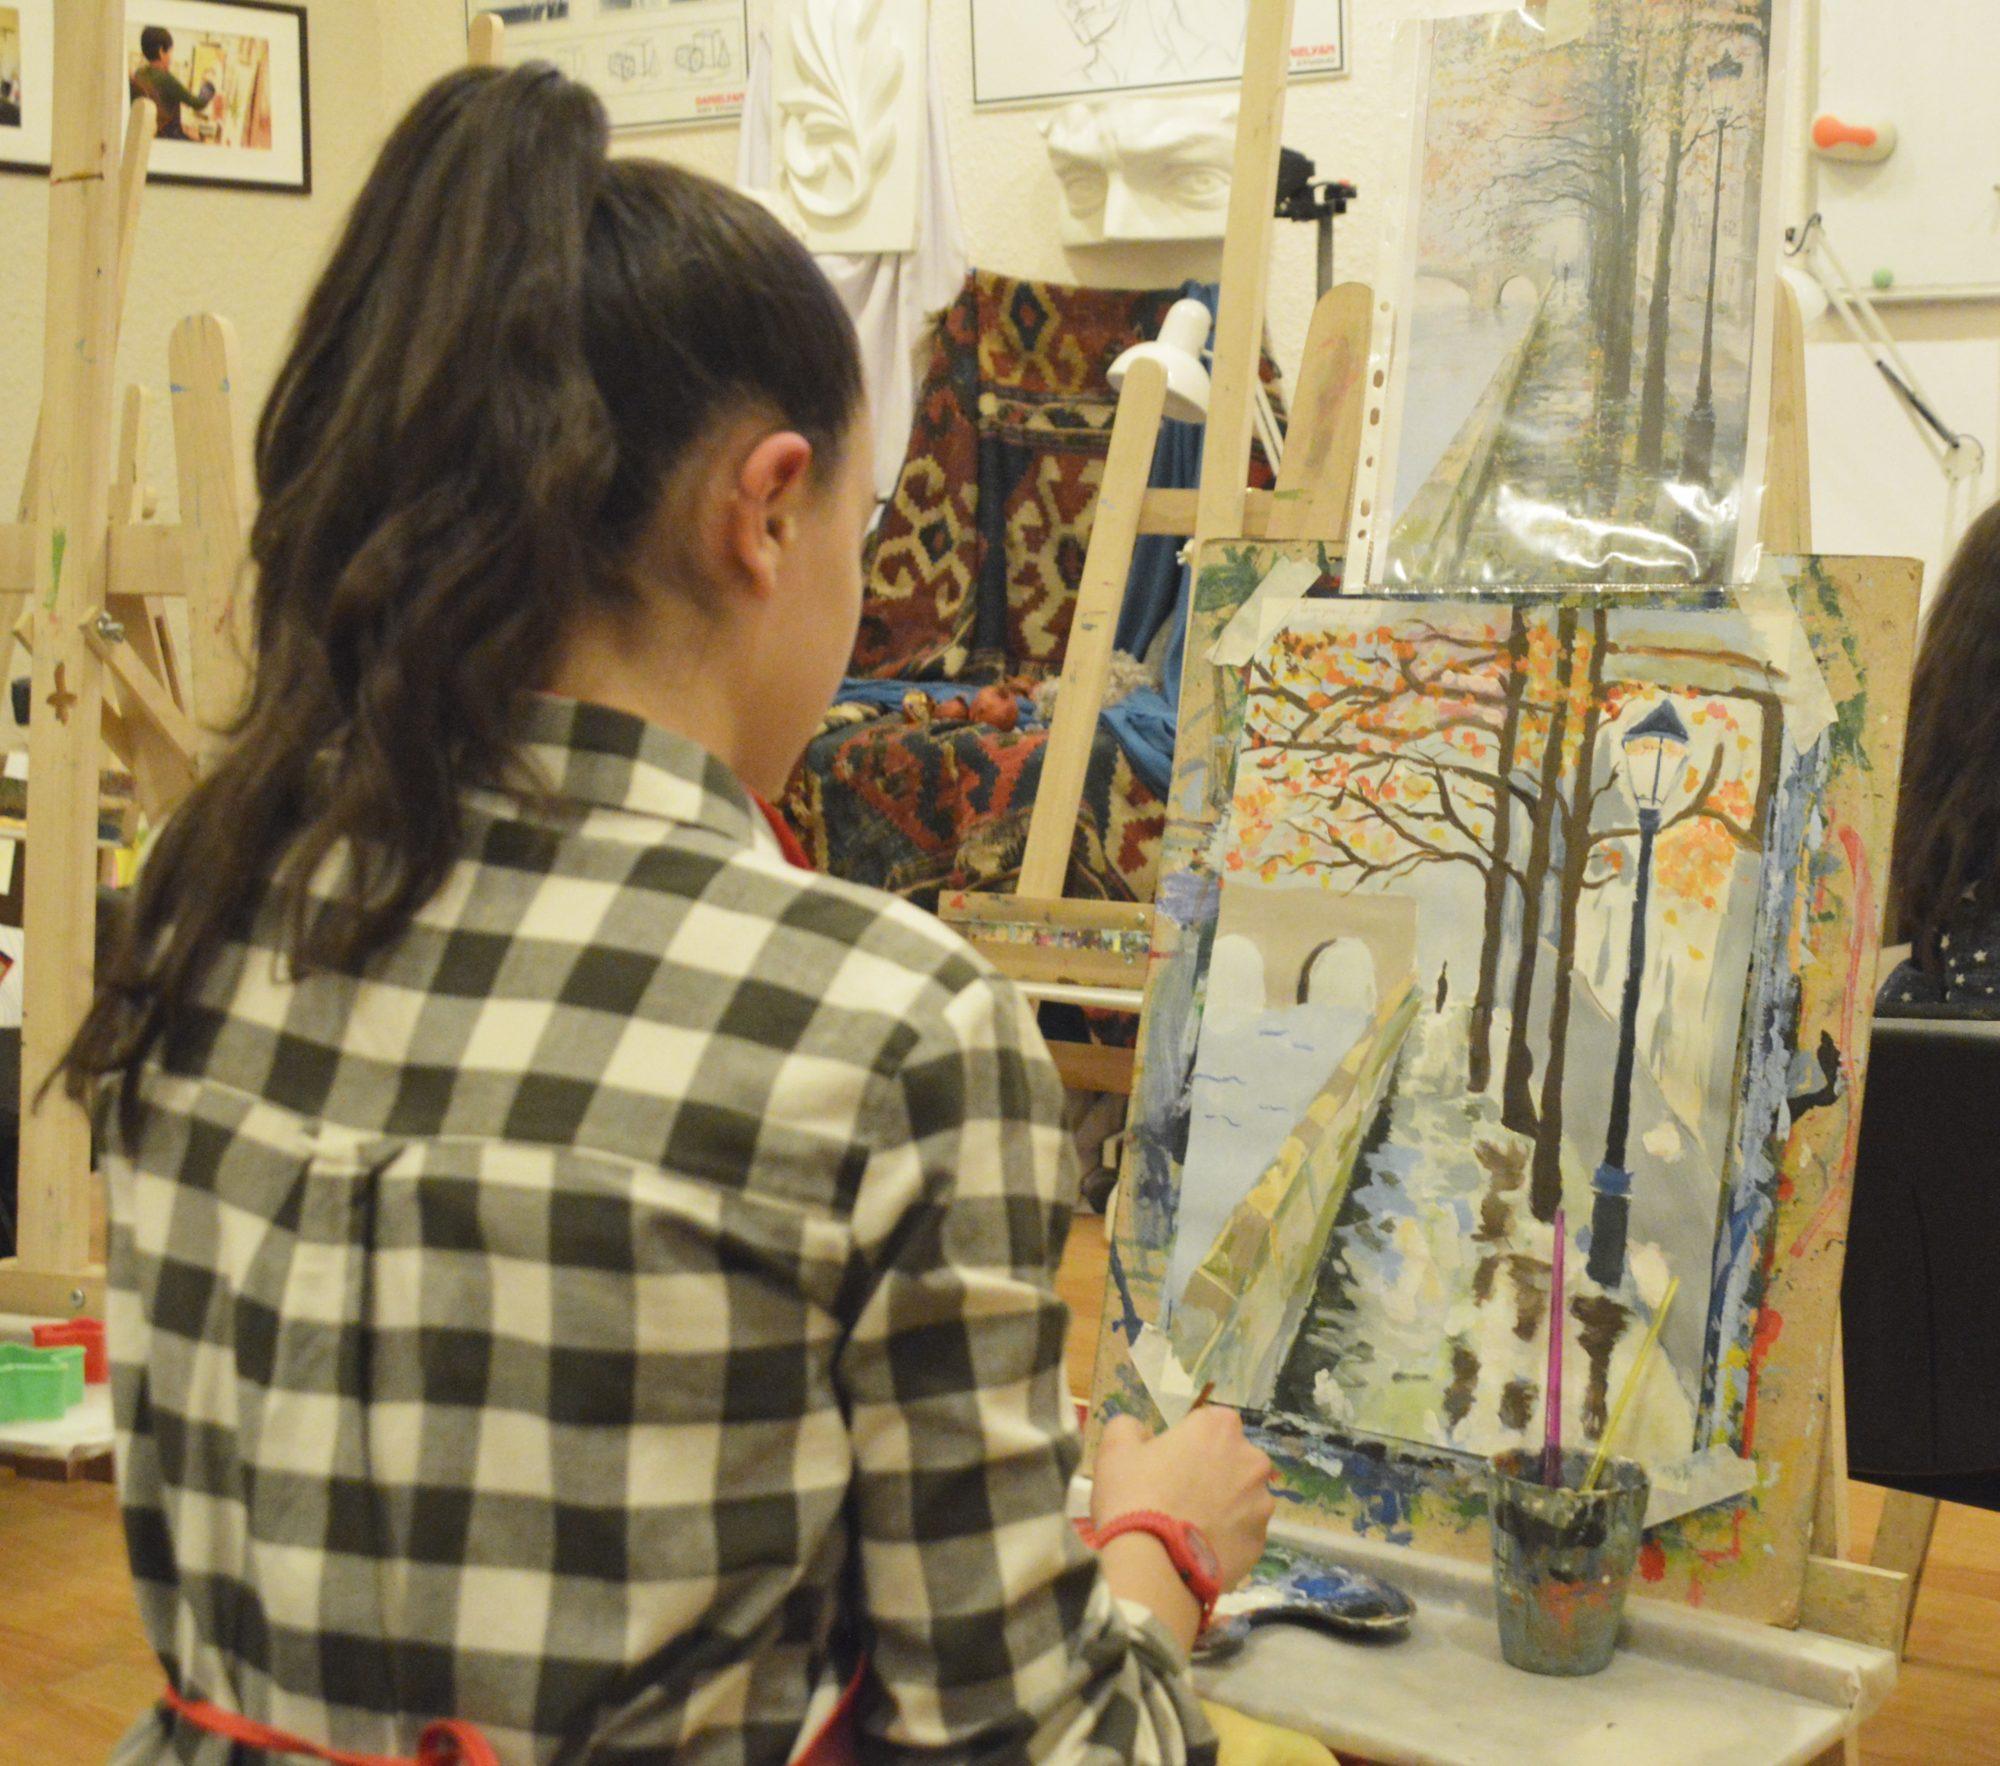 «Դանիելյան» արվեստի կենտրոնի թղթակցի անդրադարձը՝ Նատալիի ստեղծագործական առօրյային